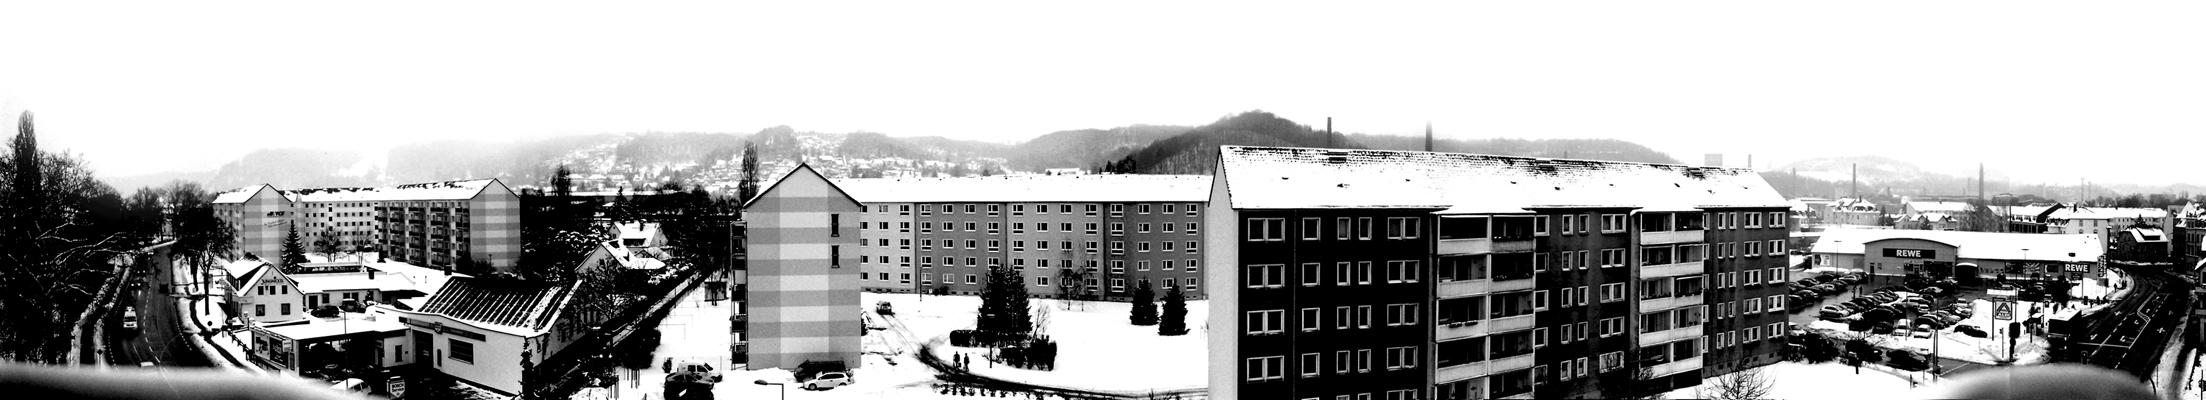 Mein erstes Panorama aus einzelnen,selbst entwickelten Fotos